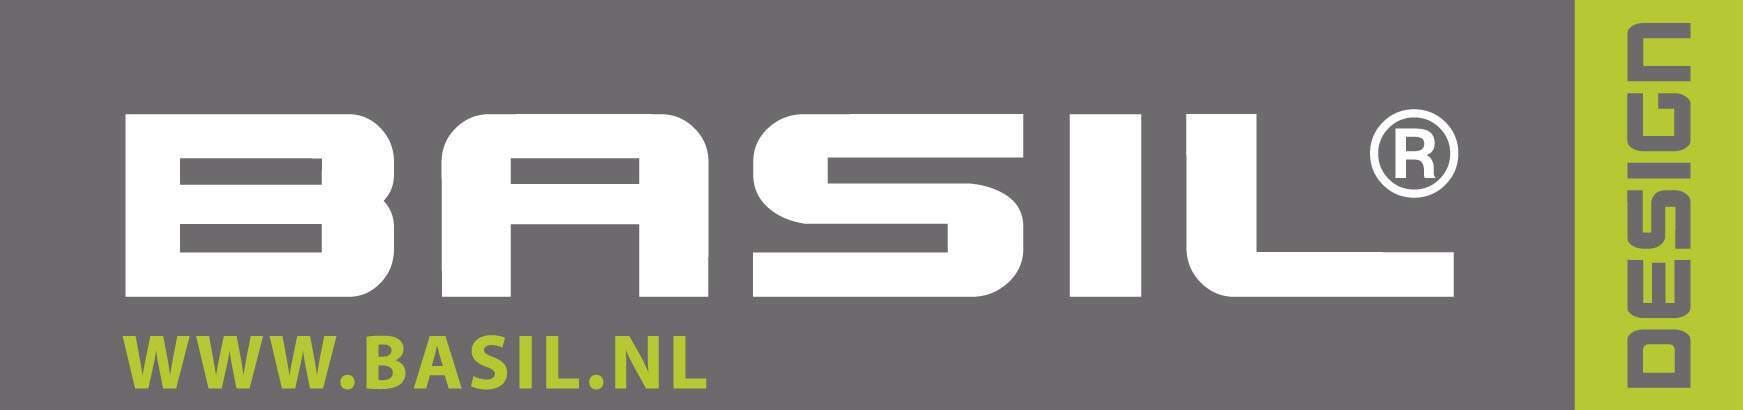 basil-logo